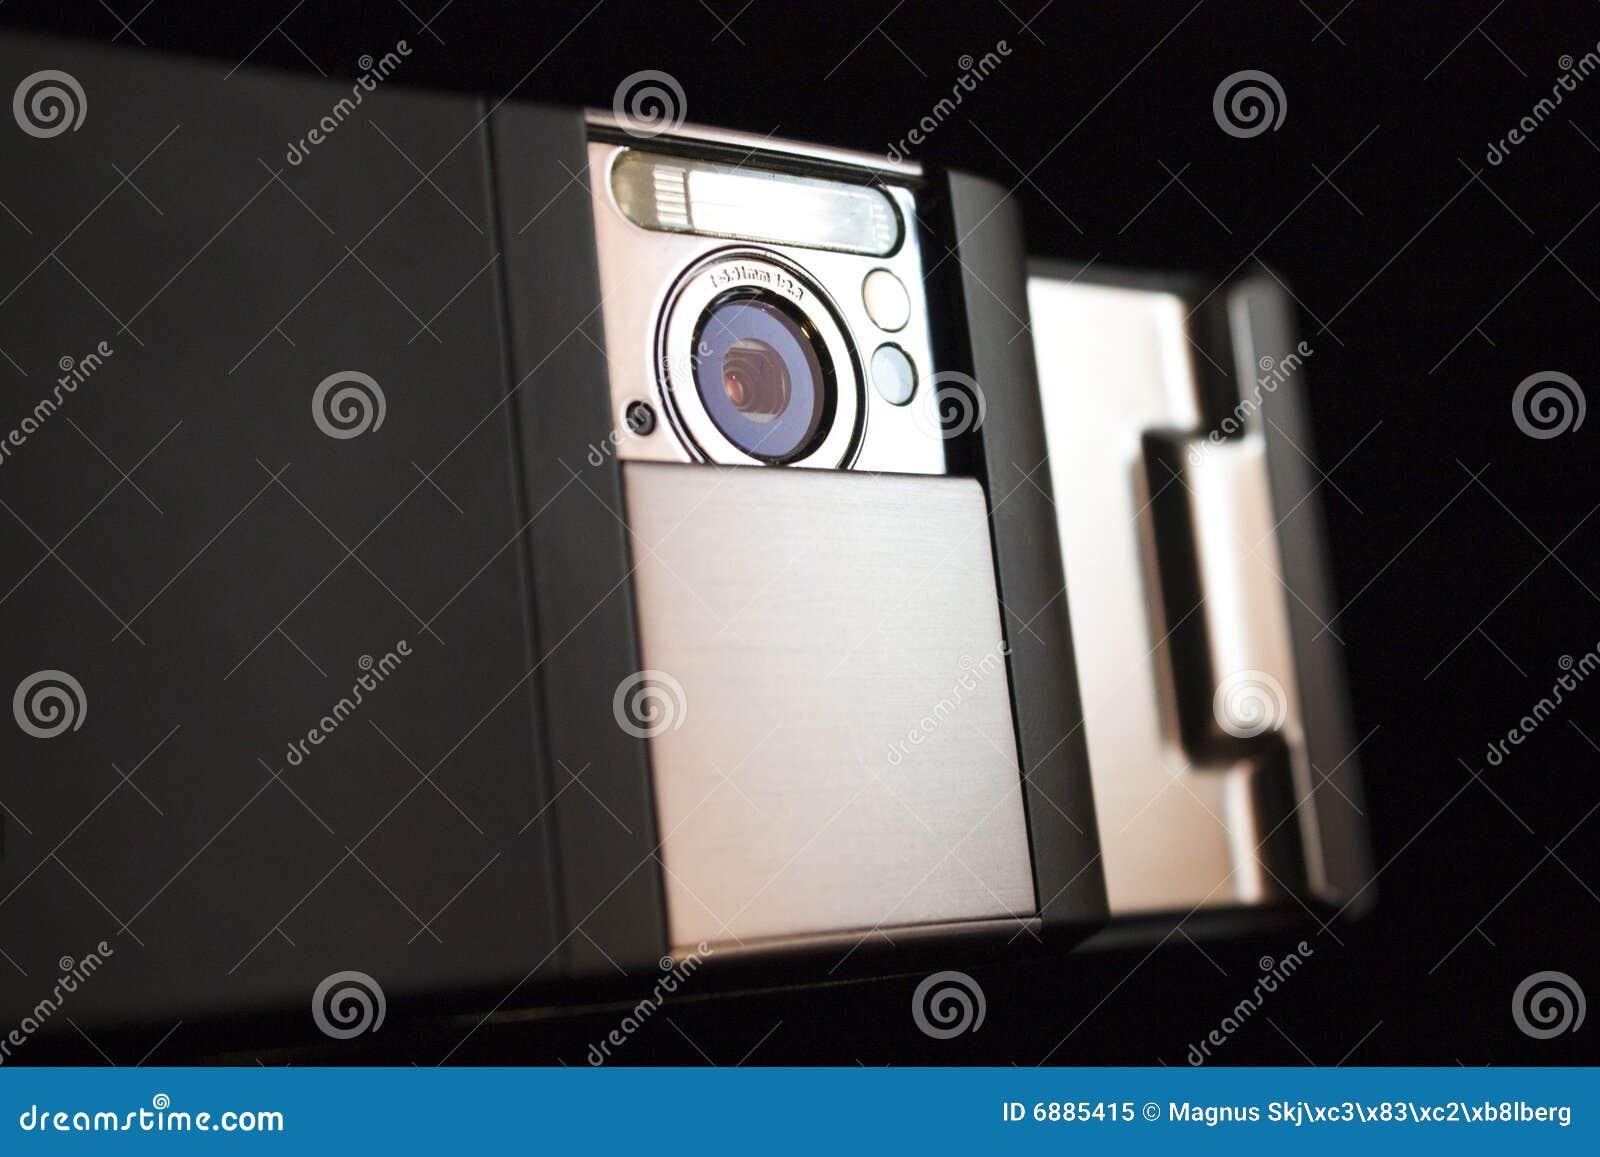 8 duży kamery mobilny członka parlamentu telefon